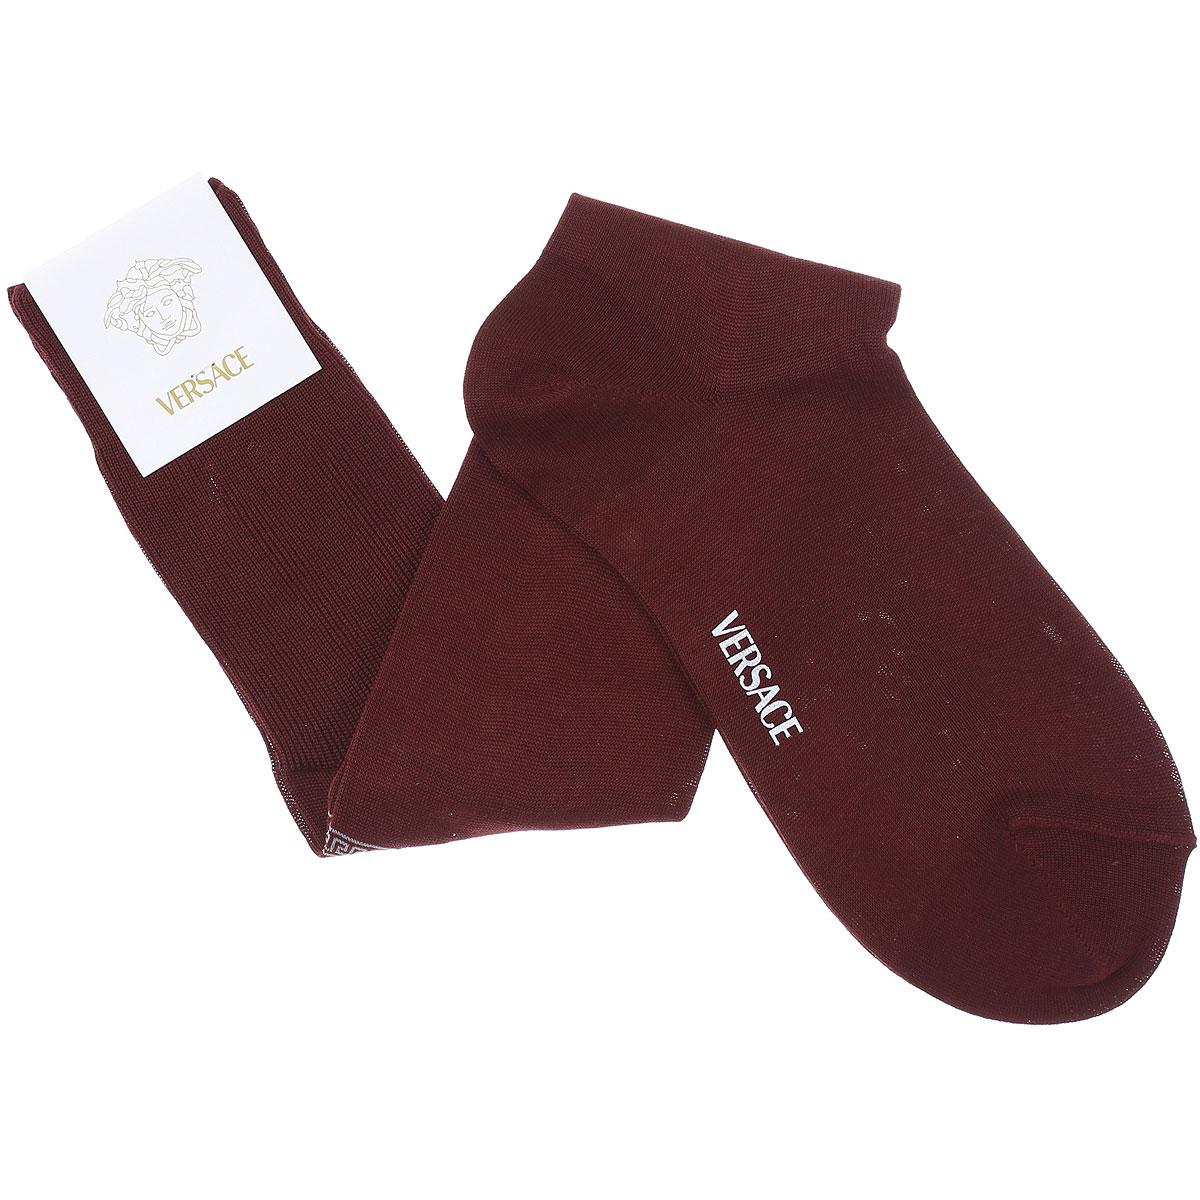 Versace Socks Socks for Men On Sale, Bordeaux, Cotton, 2019, 10.5 (Shoe Size: EU 42.5 - US 8.5) 12.5 (Shoe Size: EU 44.5 - US